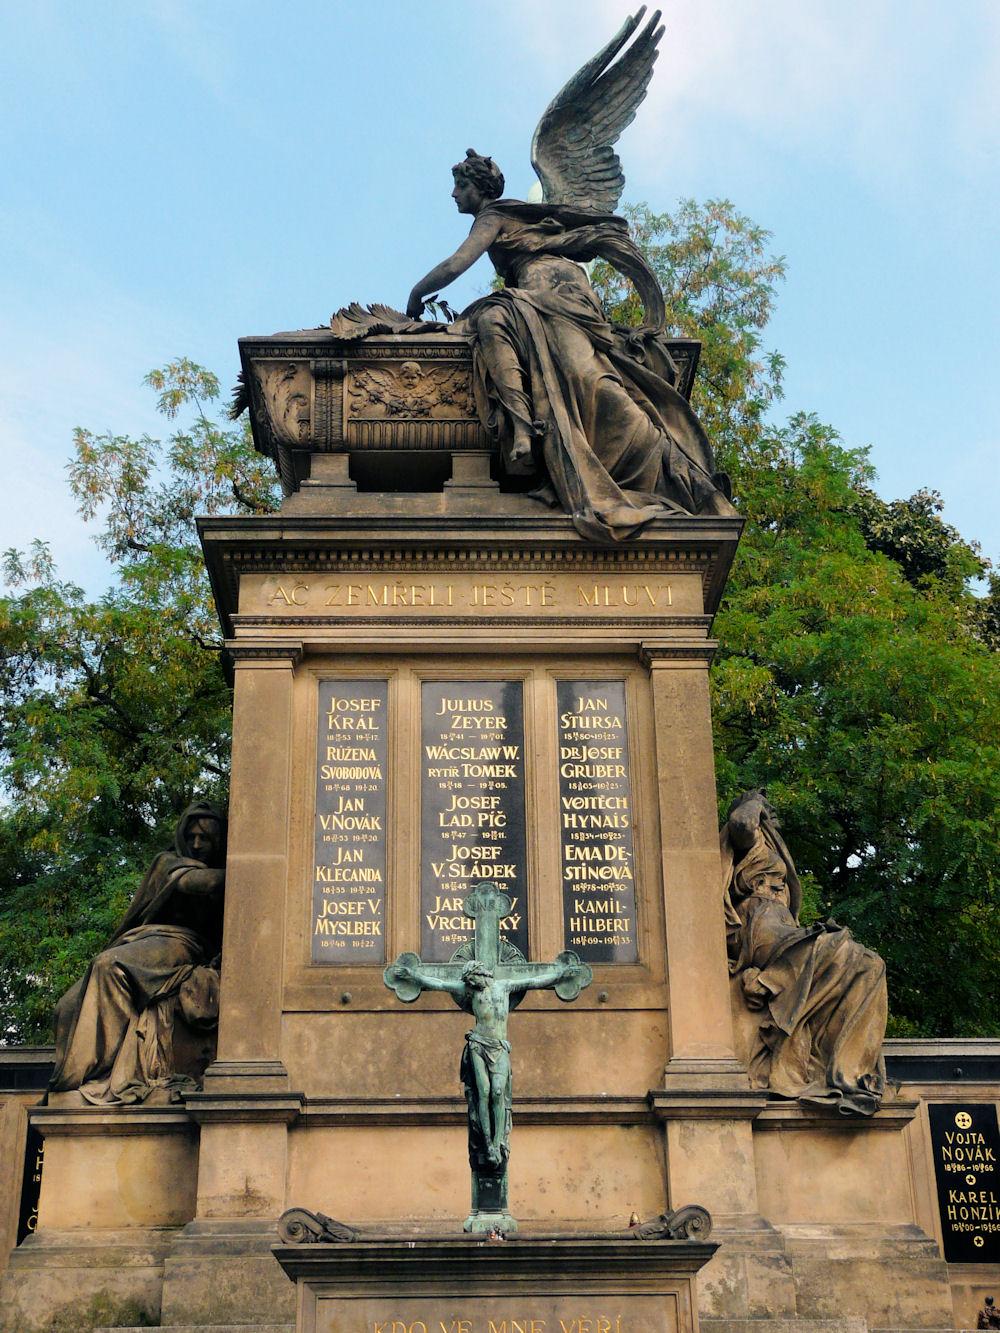 Slavín monument at Vyšehrad, Prague